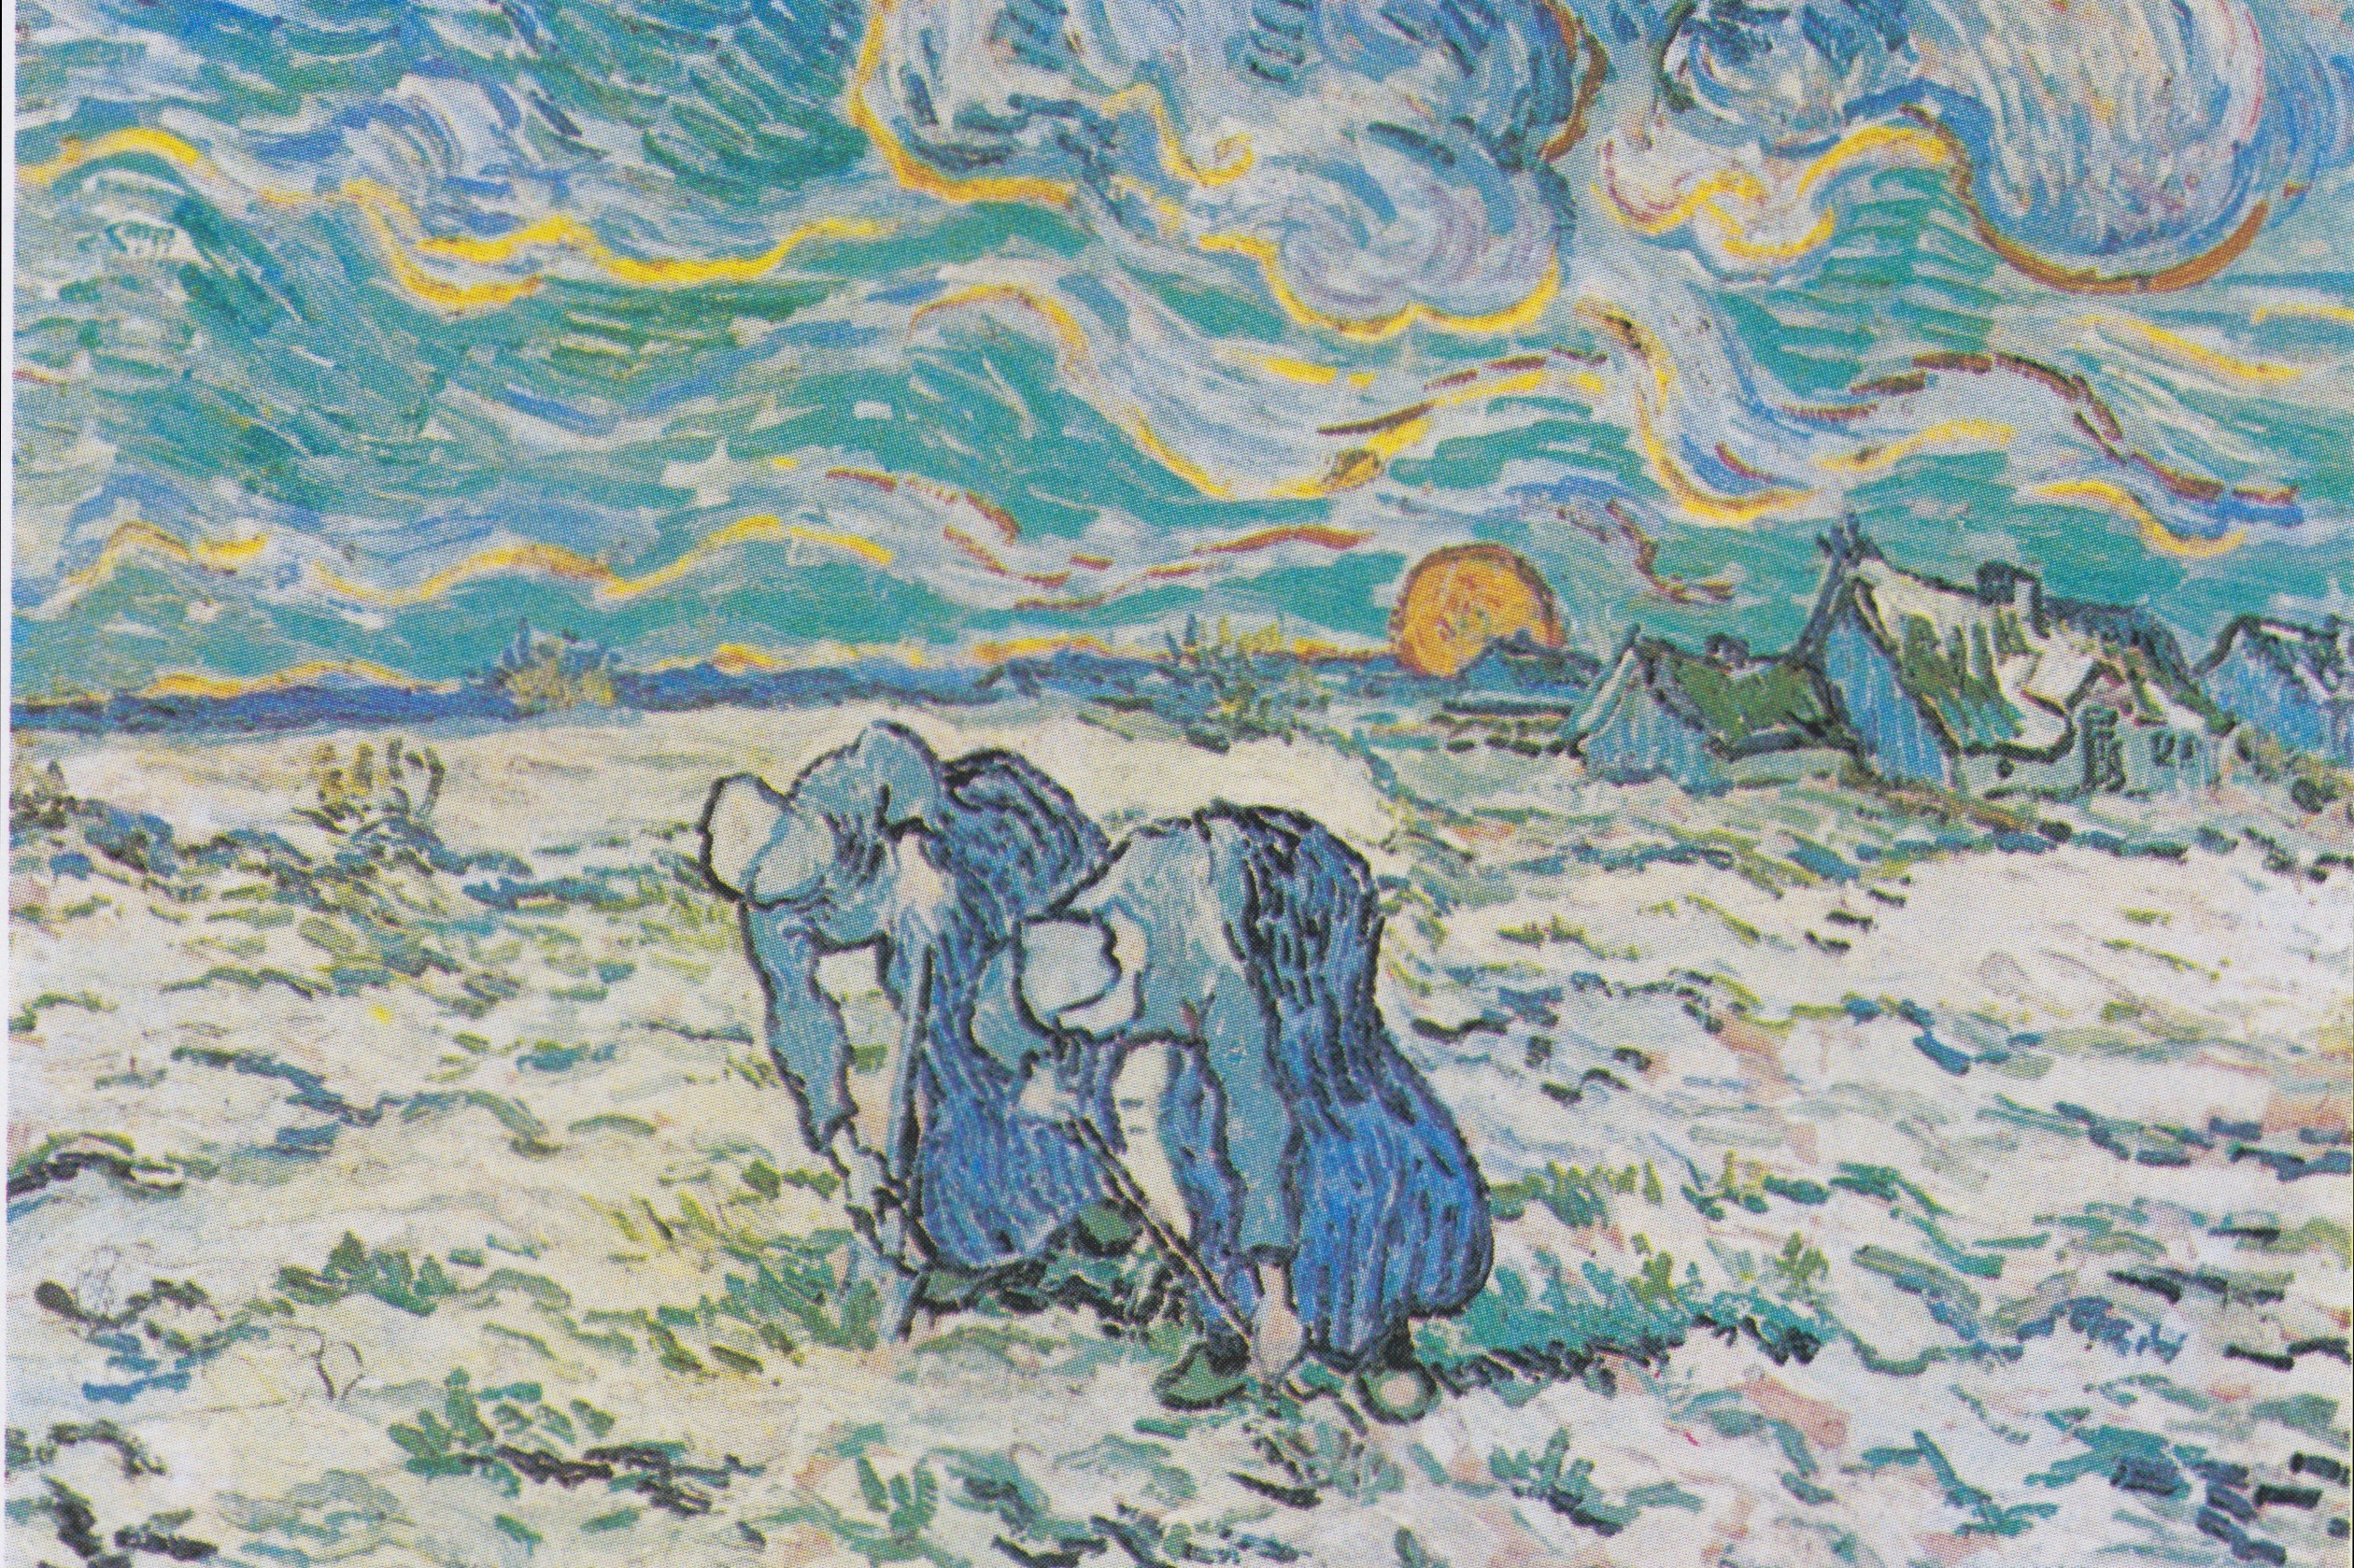 Van_Gogh_-_Zwei_grabende_Bäuerinnen_auf_schneebedecktem_Feld